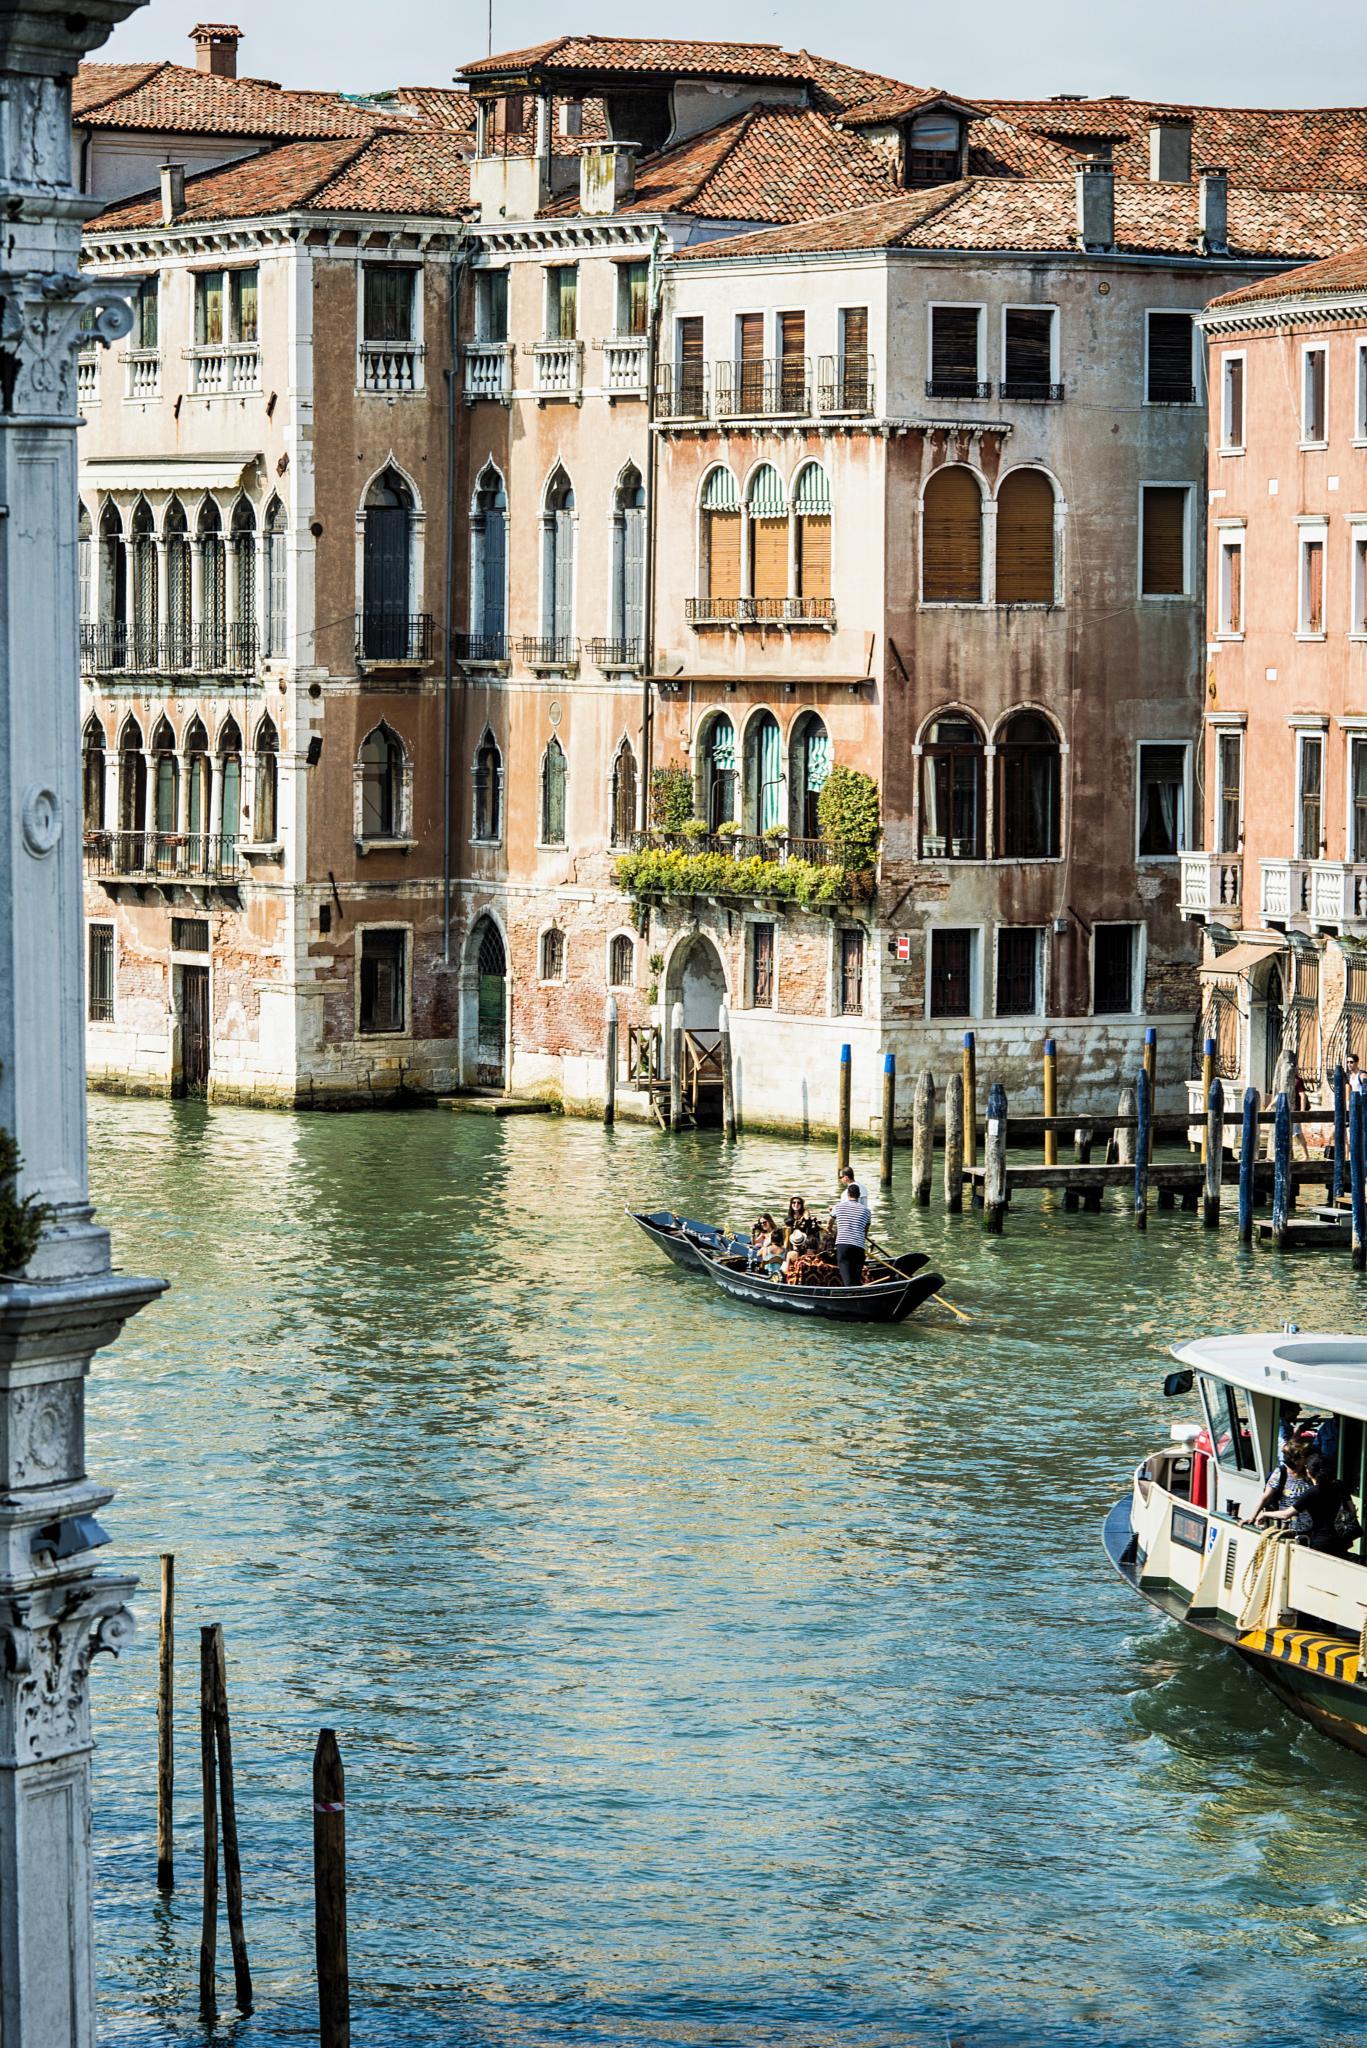 Venezia by Renato Giustini photographer Passion